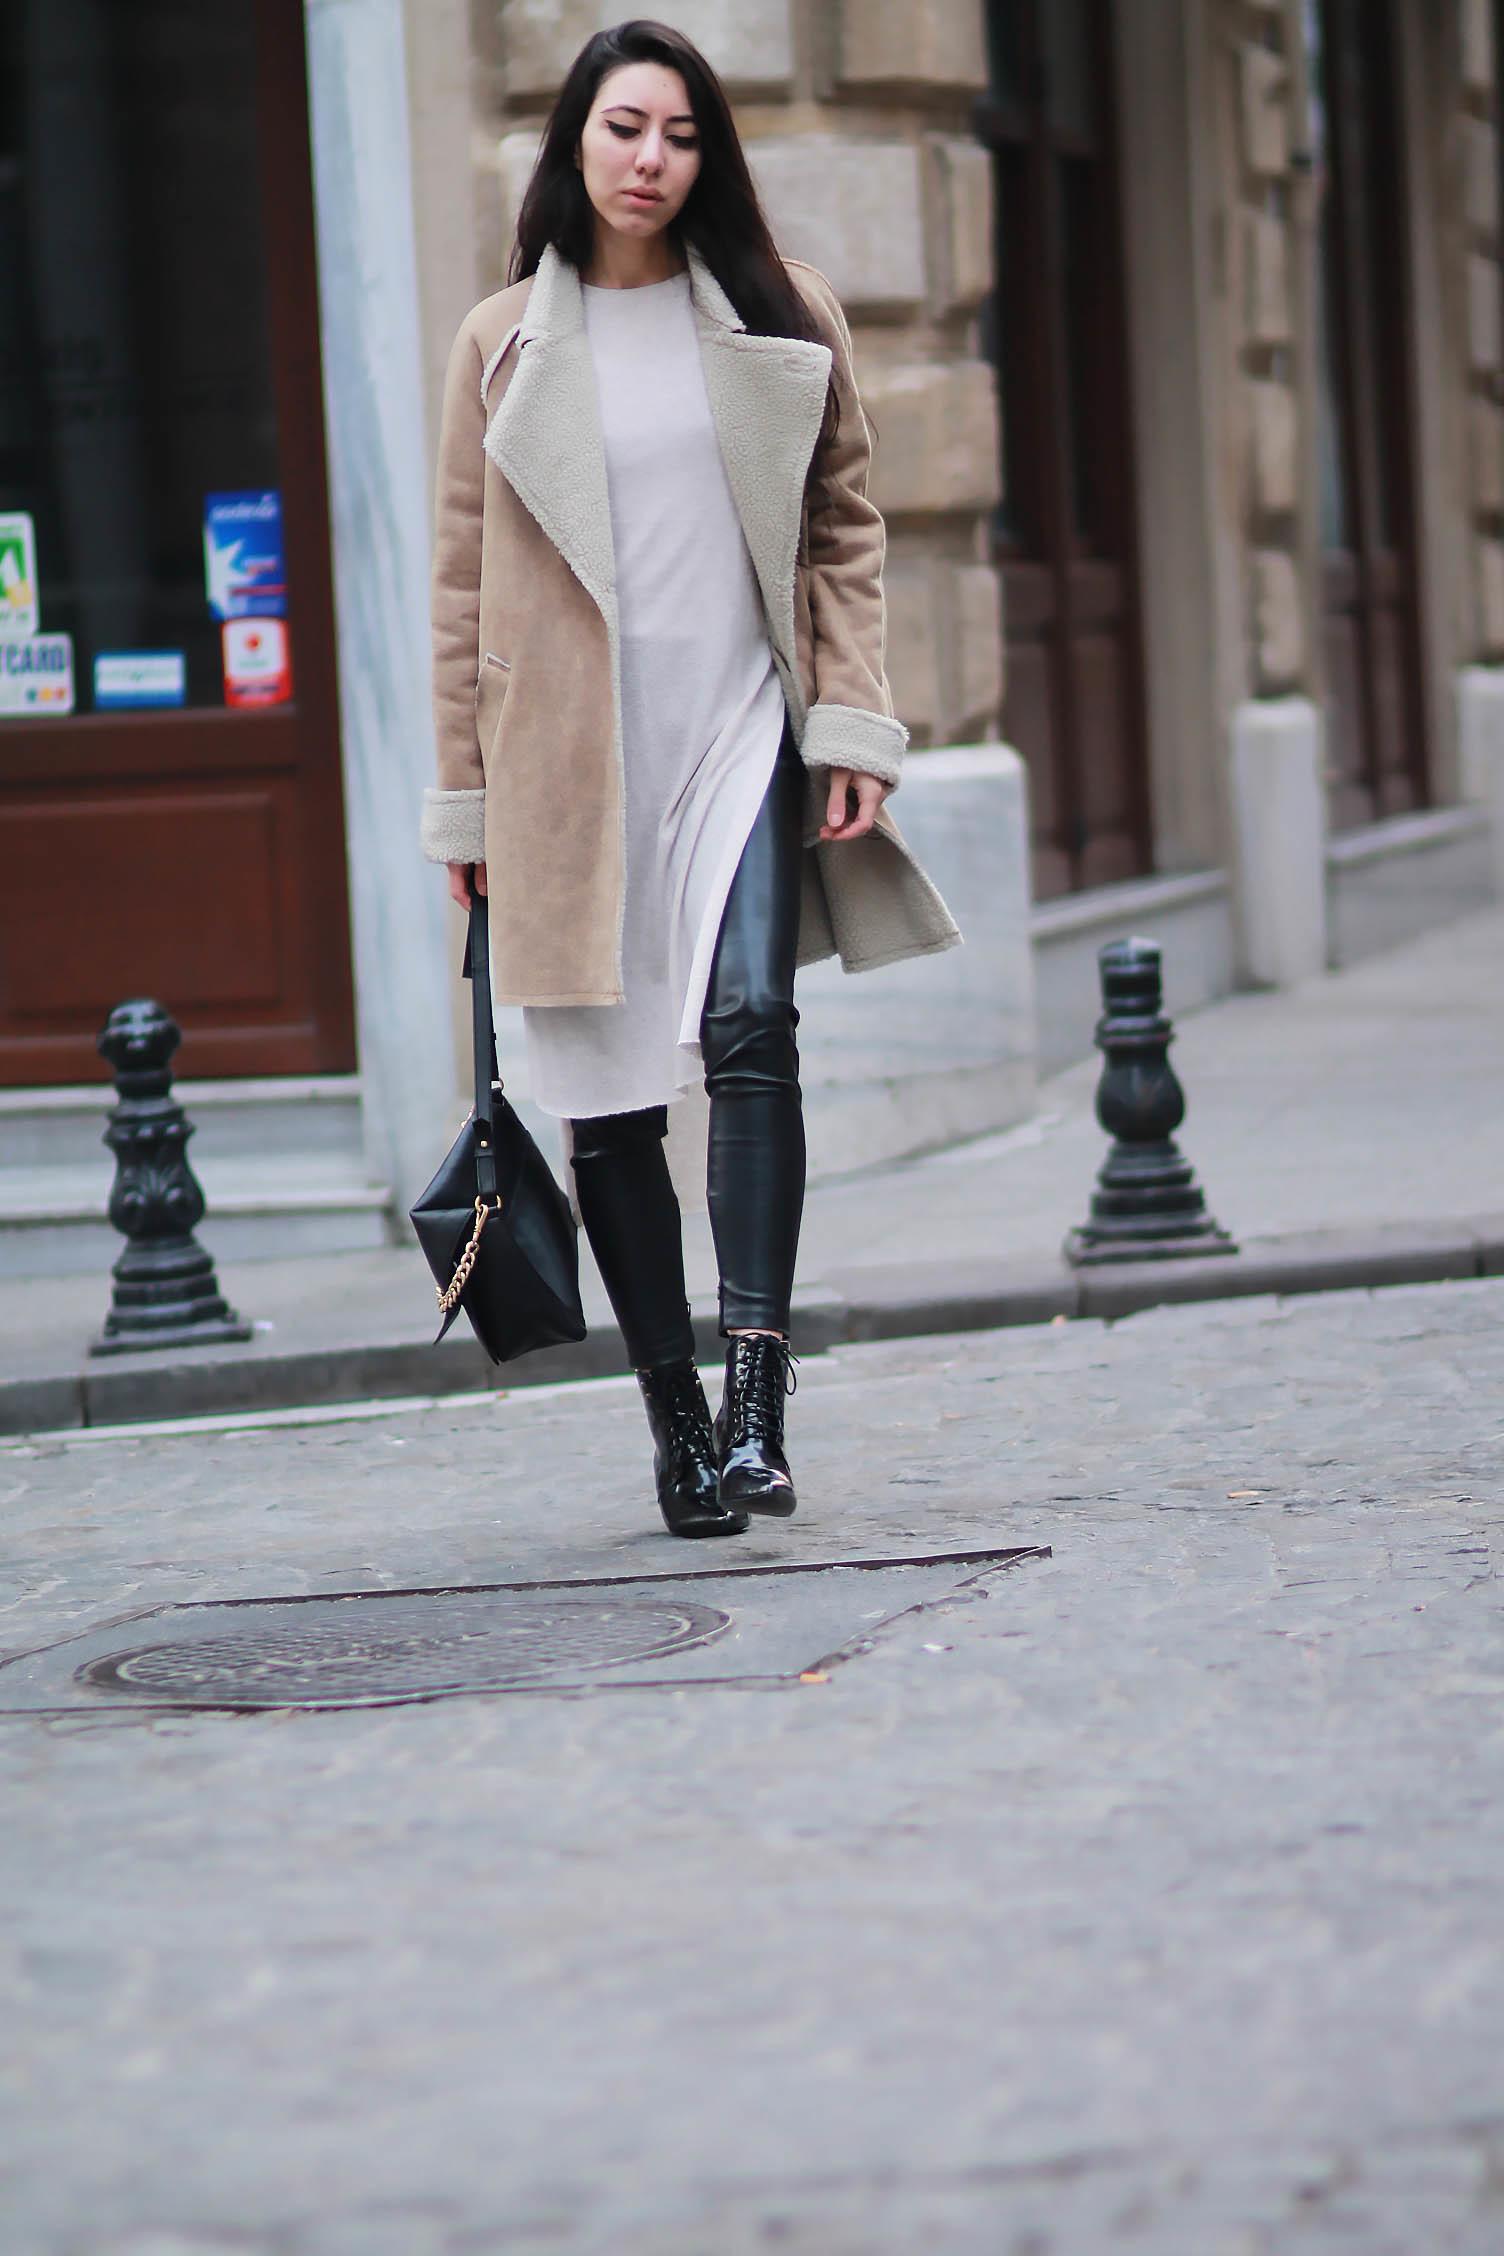 Retournée Clair Marron Manteau Tenue Robe De En Mouton Peau Pull ZfqXwH f01102b1ed9